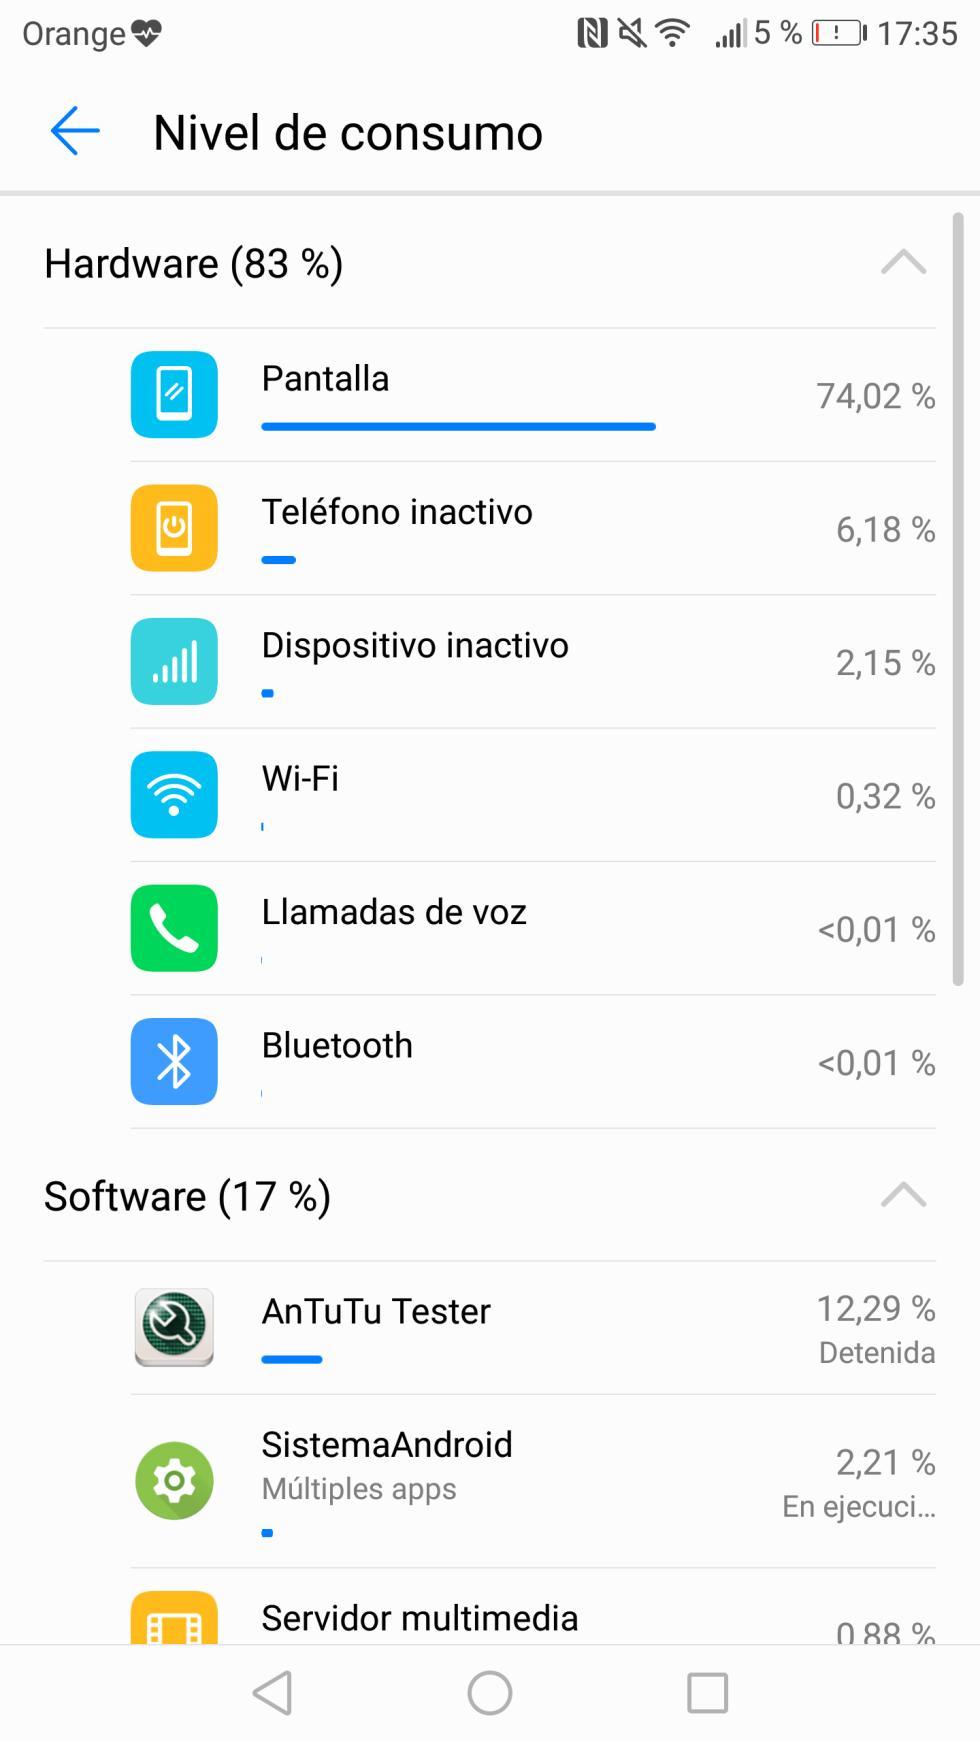 Batería del Huawei P10 Plus: consumo, autonomía y opciones de ahorro